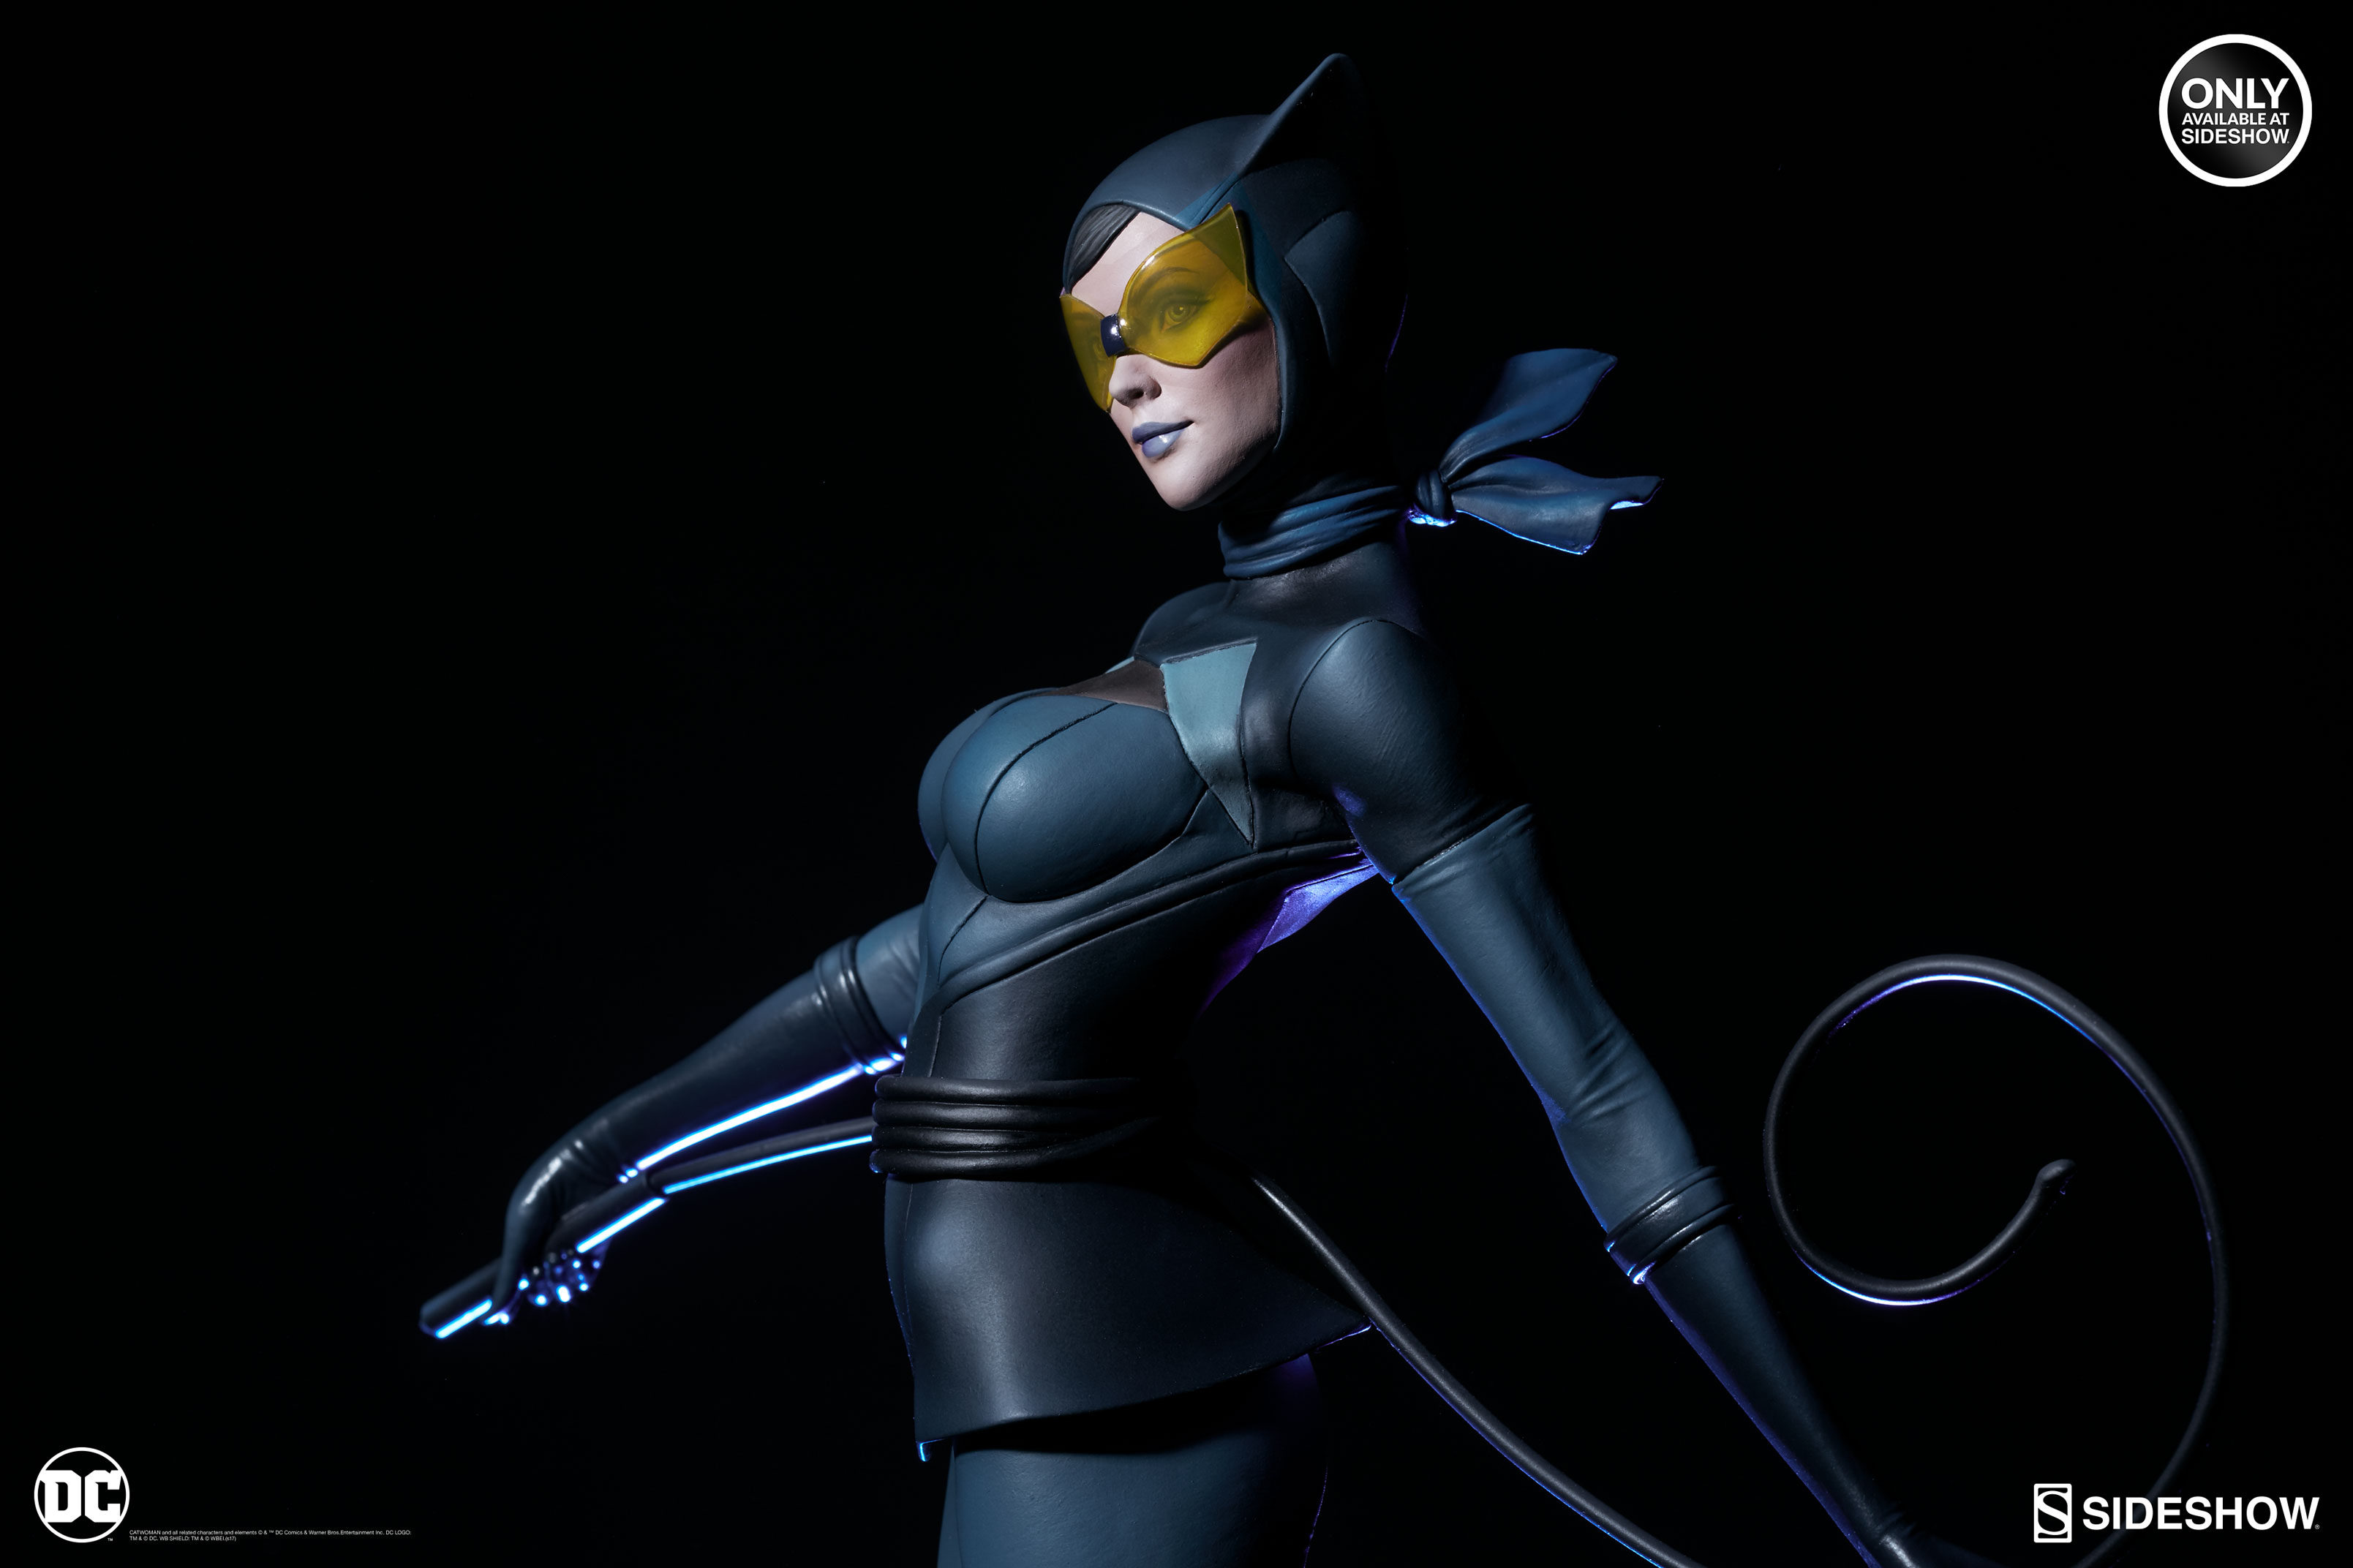 dc-comics-catwoman-statue-stanley-artgerm-lau-artist-series-200428-02 Figurines - Harley Quinn - Catwoman et Poison Ivy vues par Artgerm